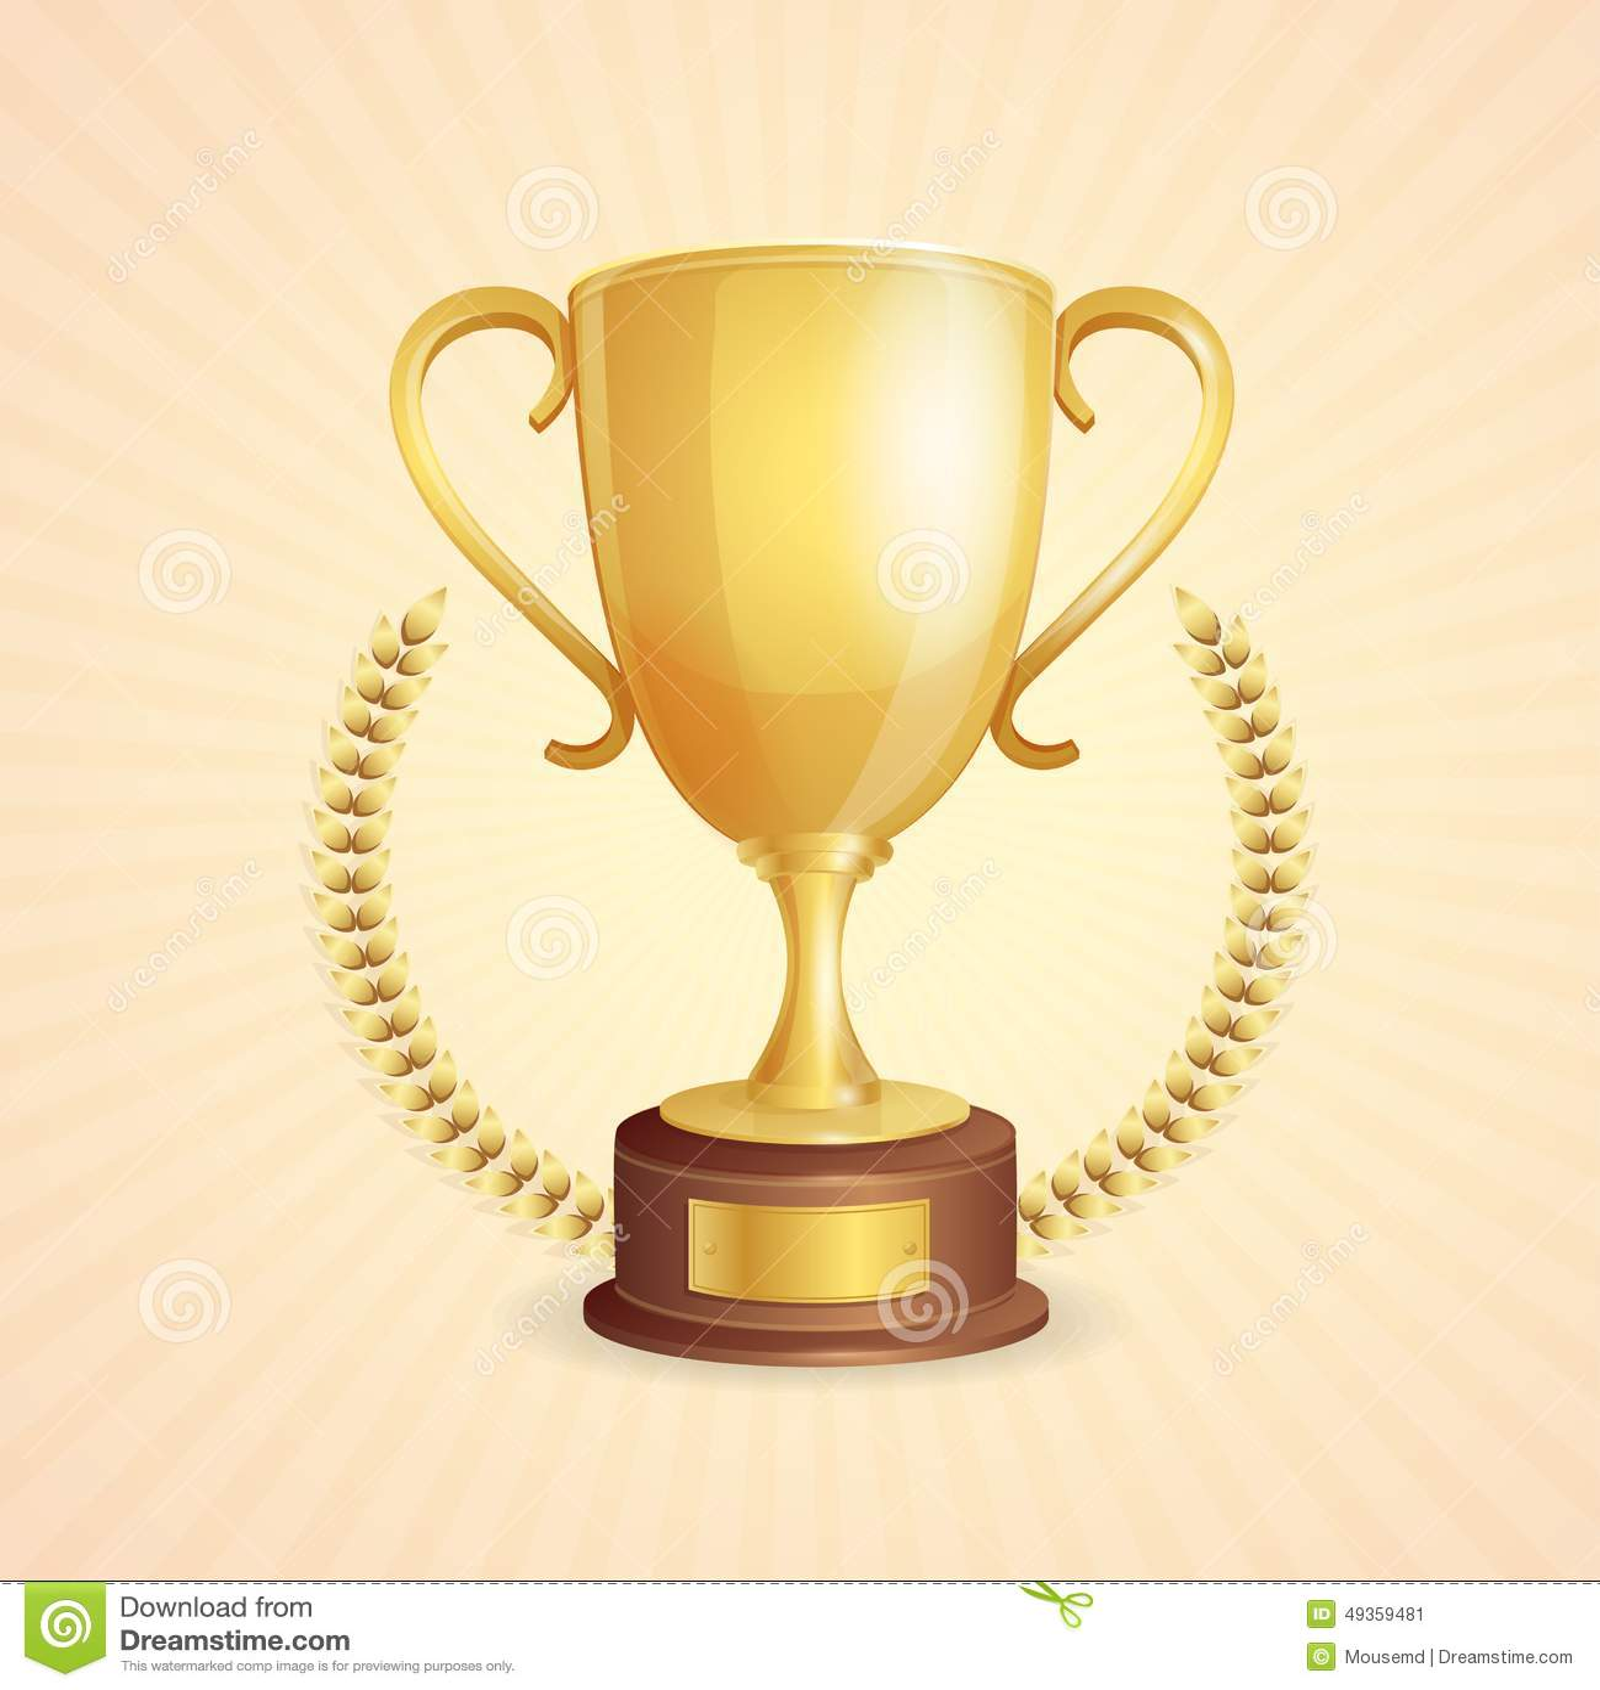 Winner Trophy - Shutterstock